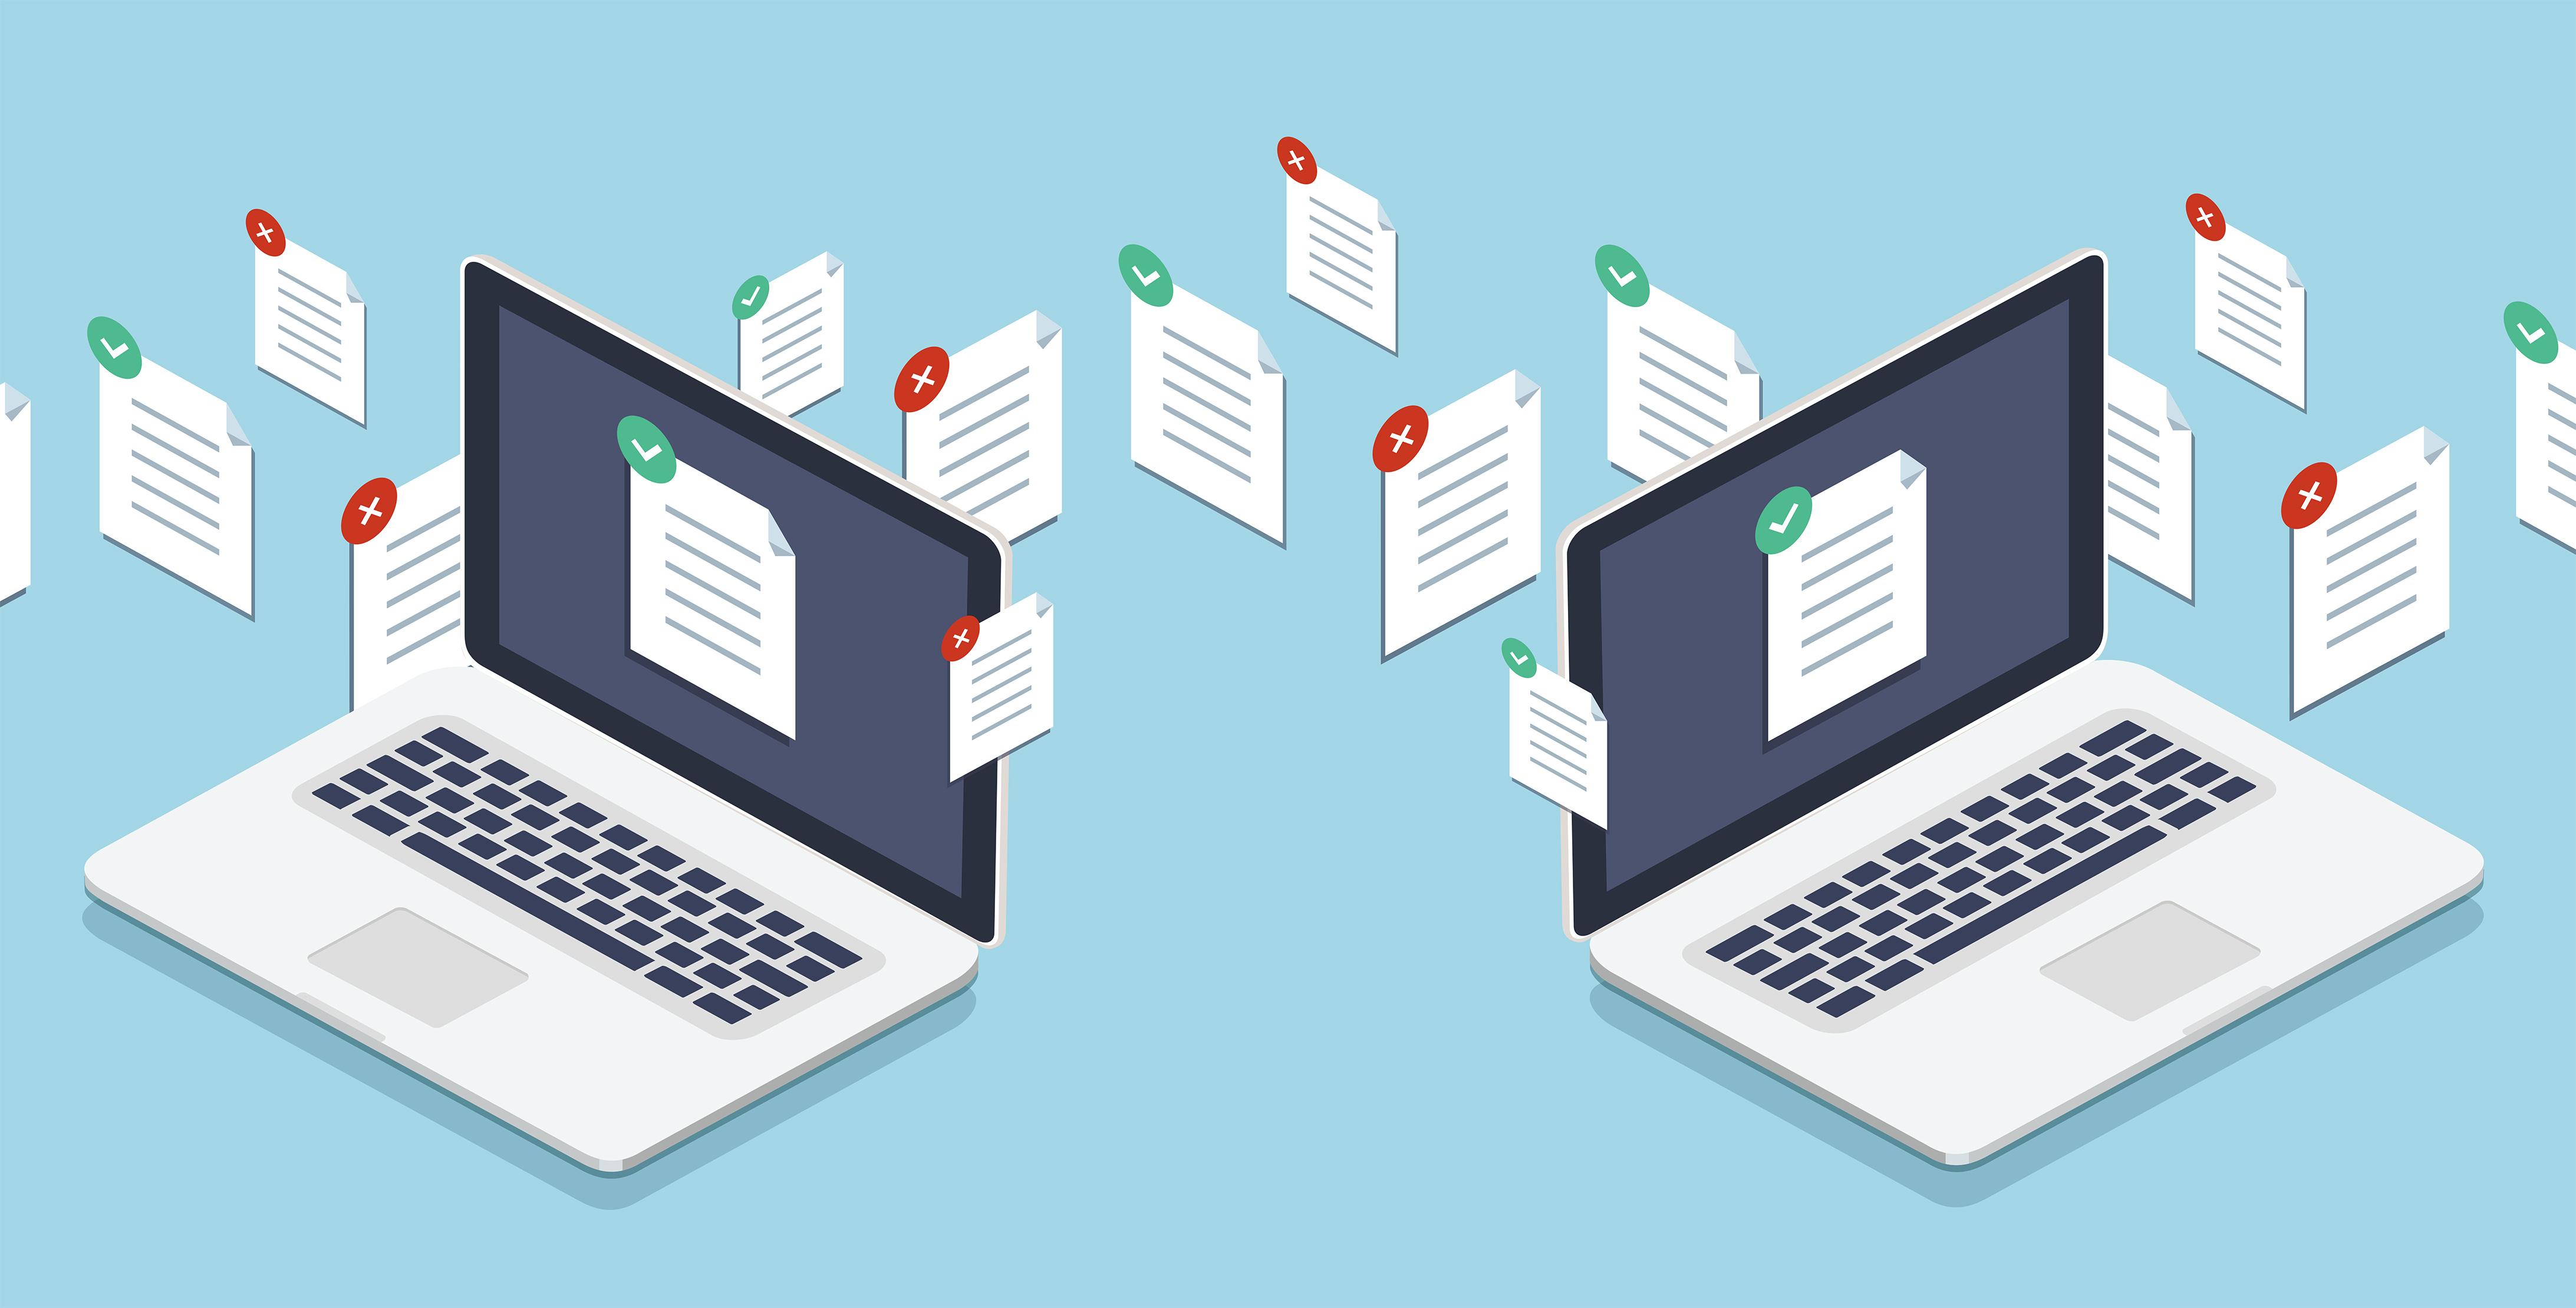 La dématérialisation : un accès vers la simplification  et l'interaction entre les usagers et les administrations publiques.